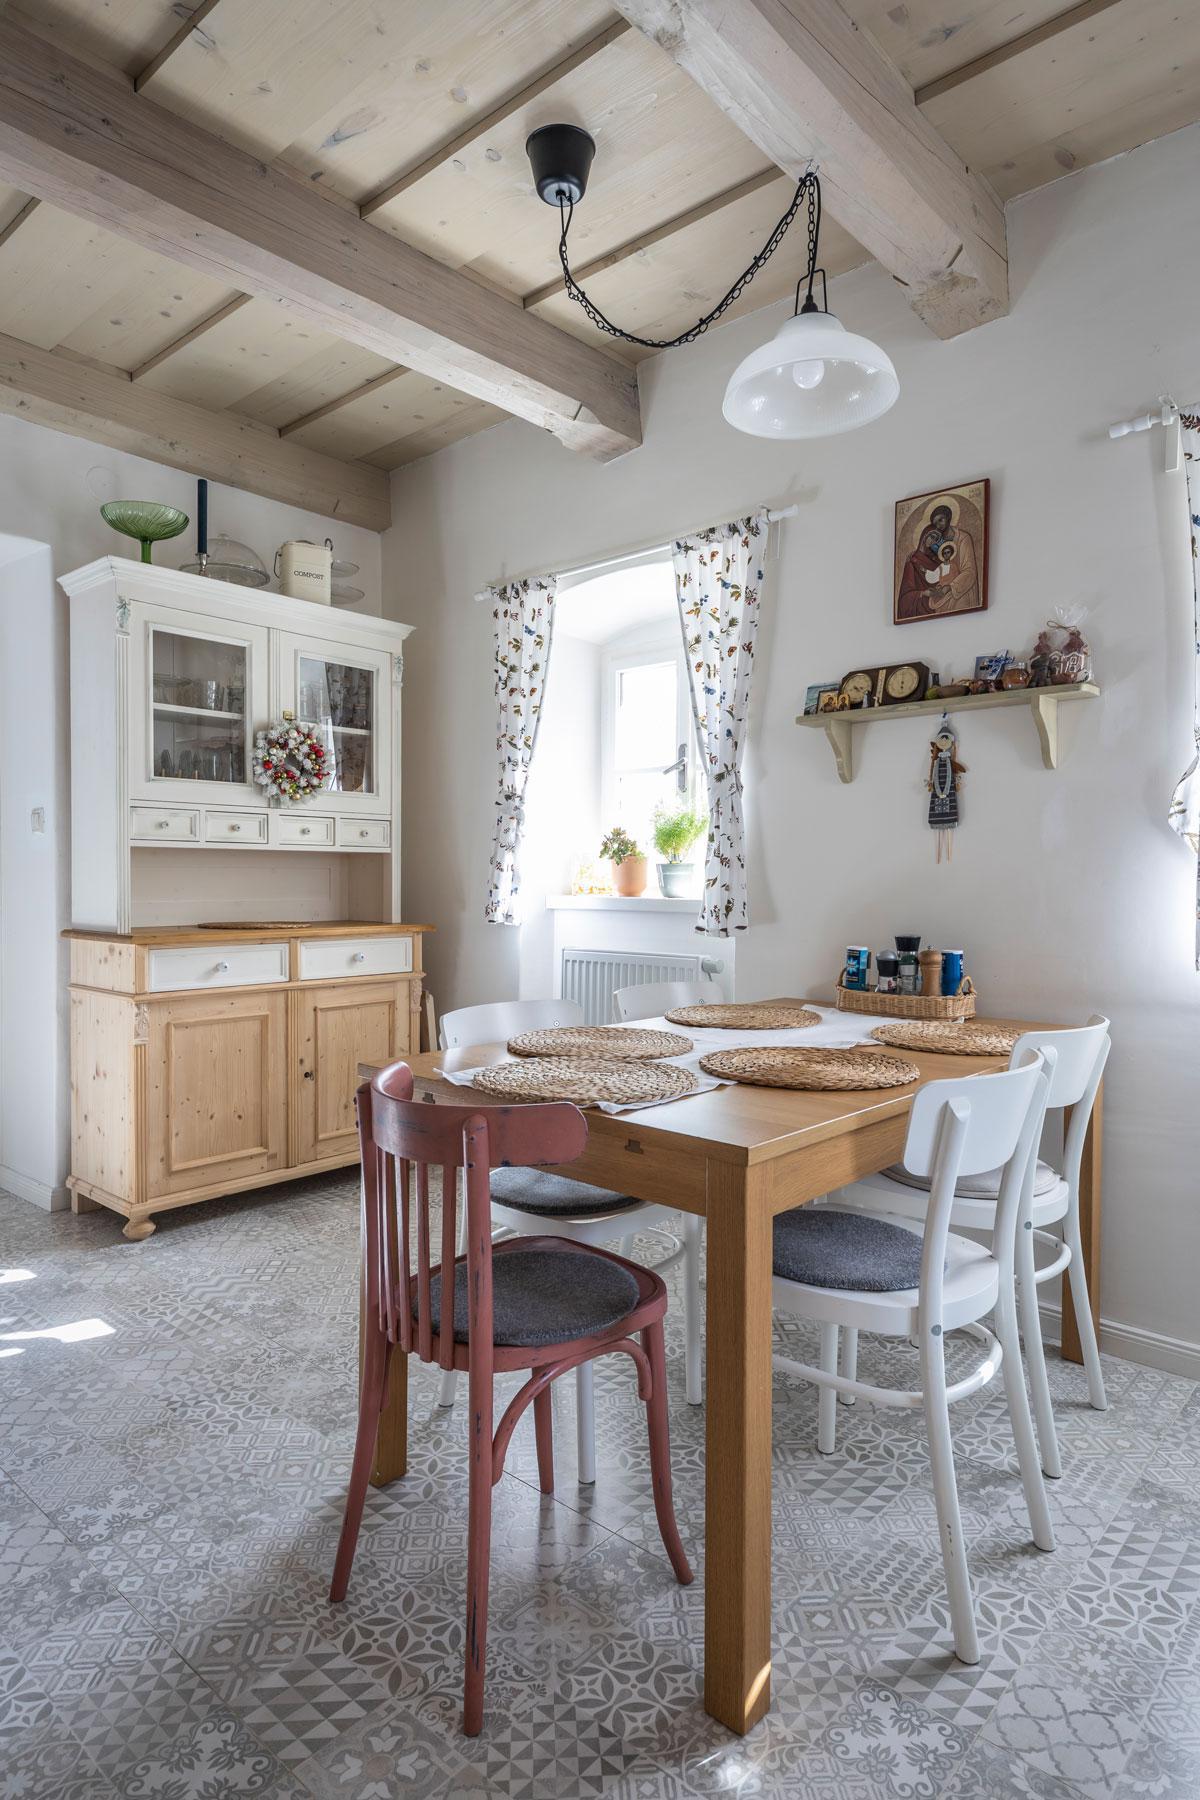 Sen o dokonalom bývaní si splnili v baníckom dome - Obrázok č. 5